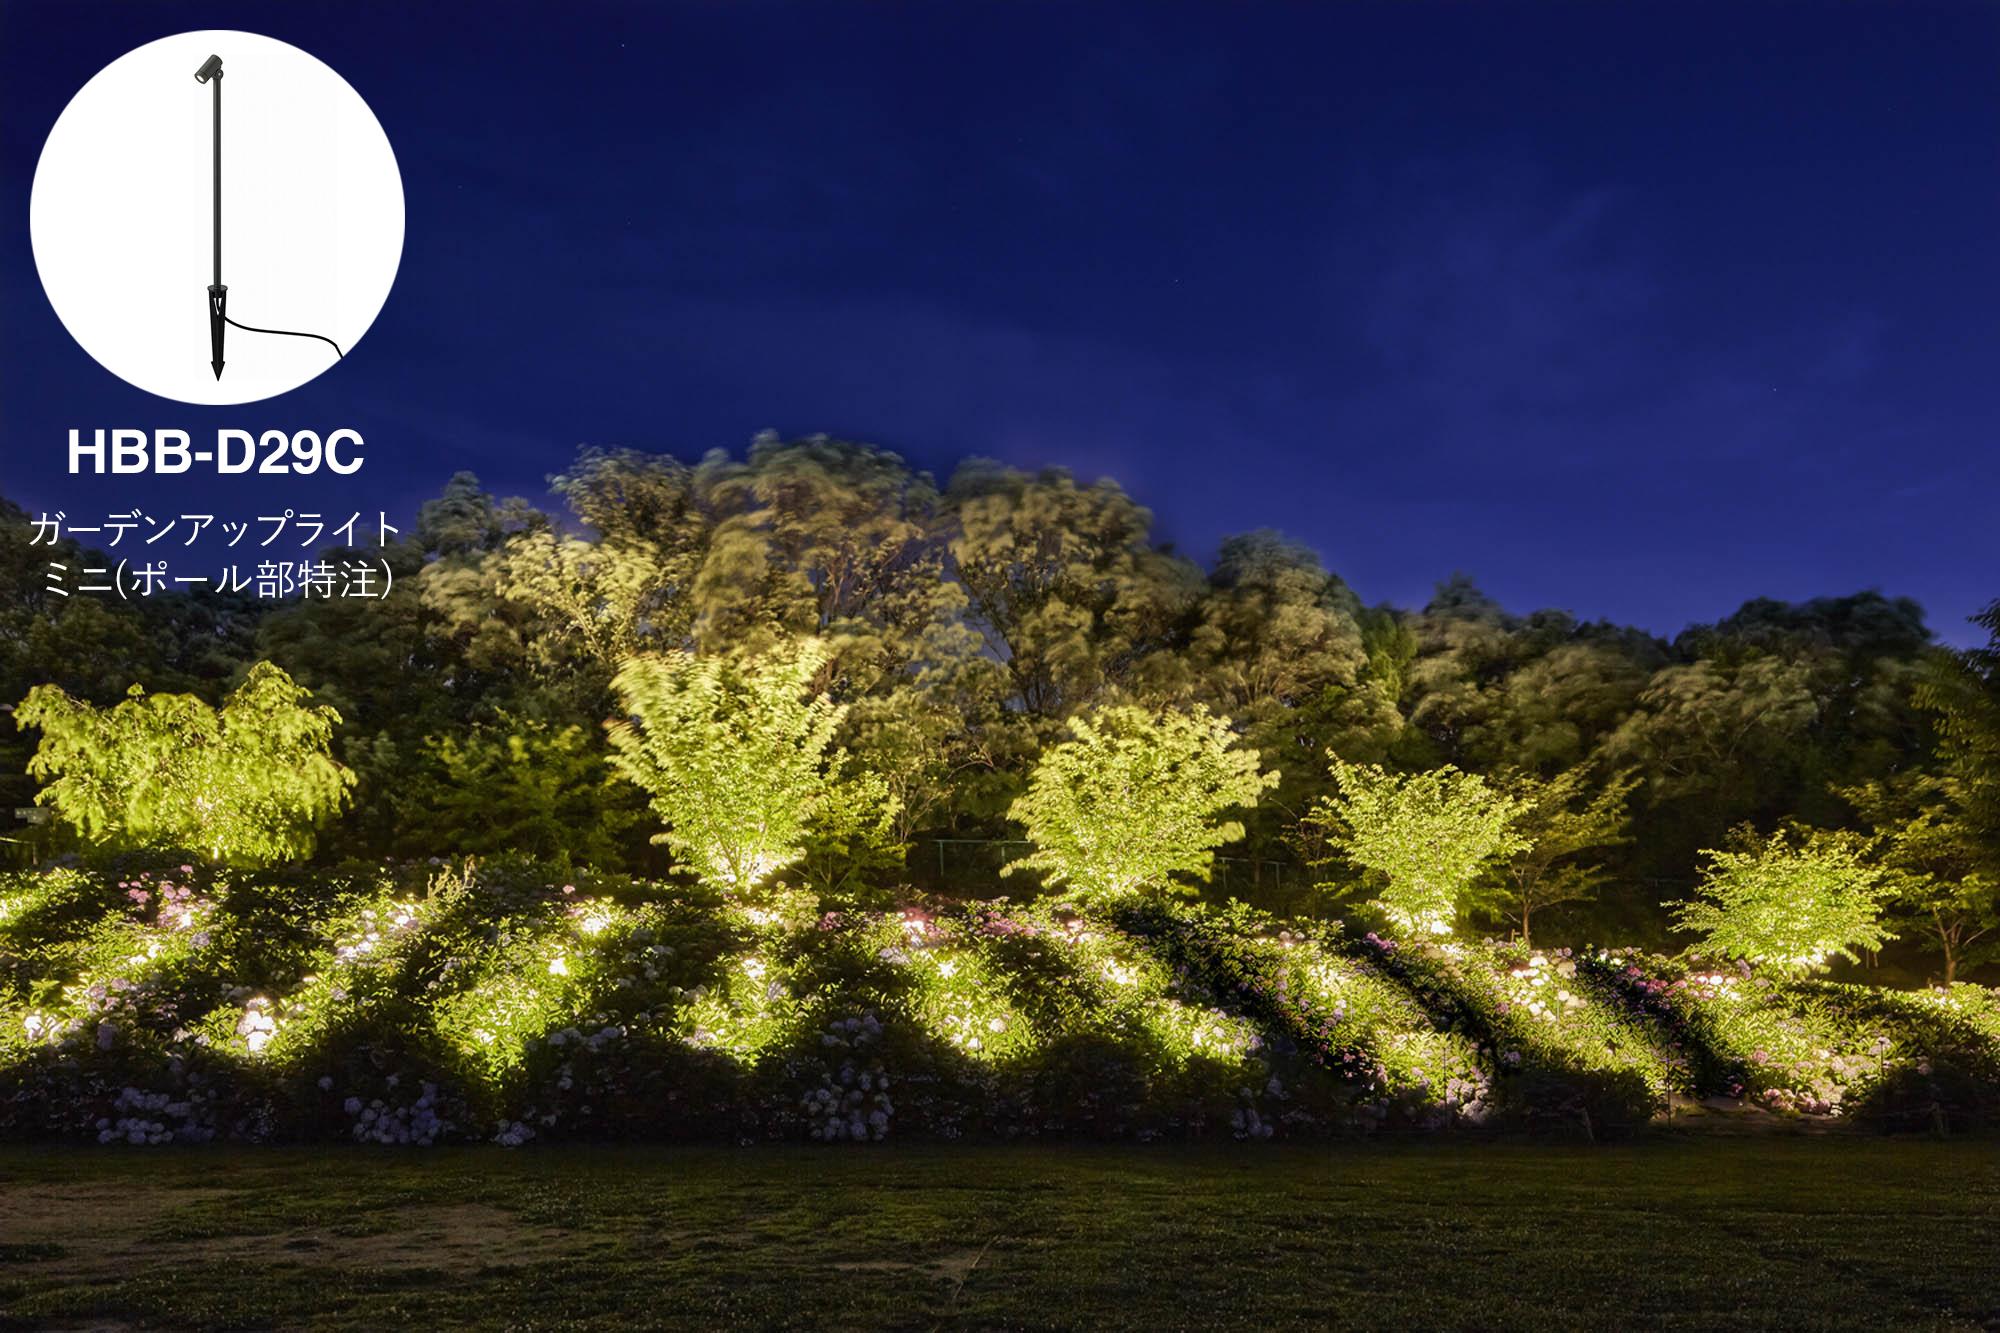 敷地内の最も奥に植えられているアジサイをライトアップしている写真